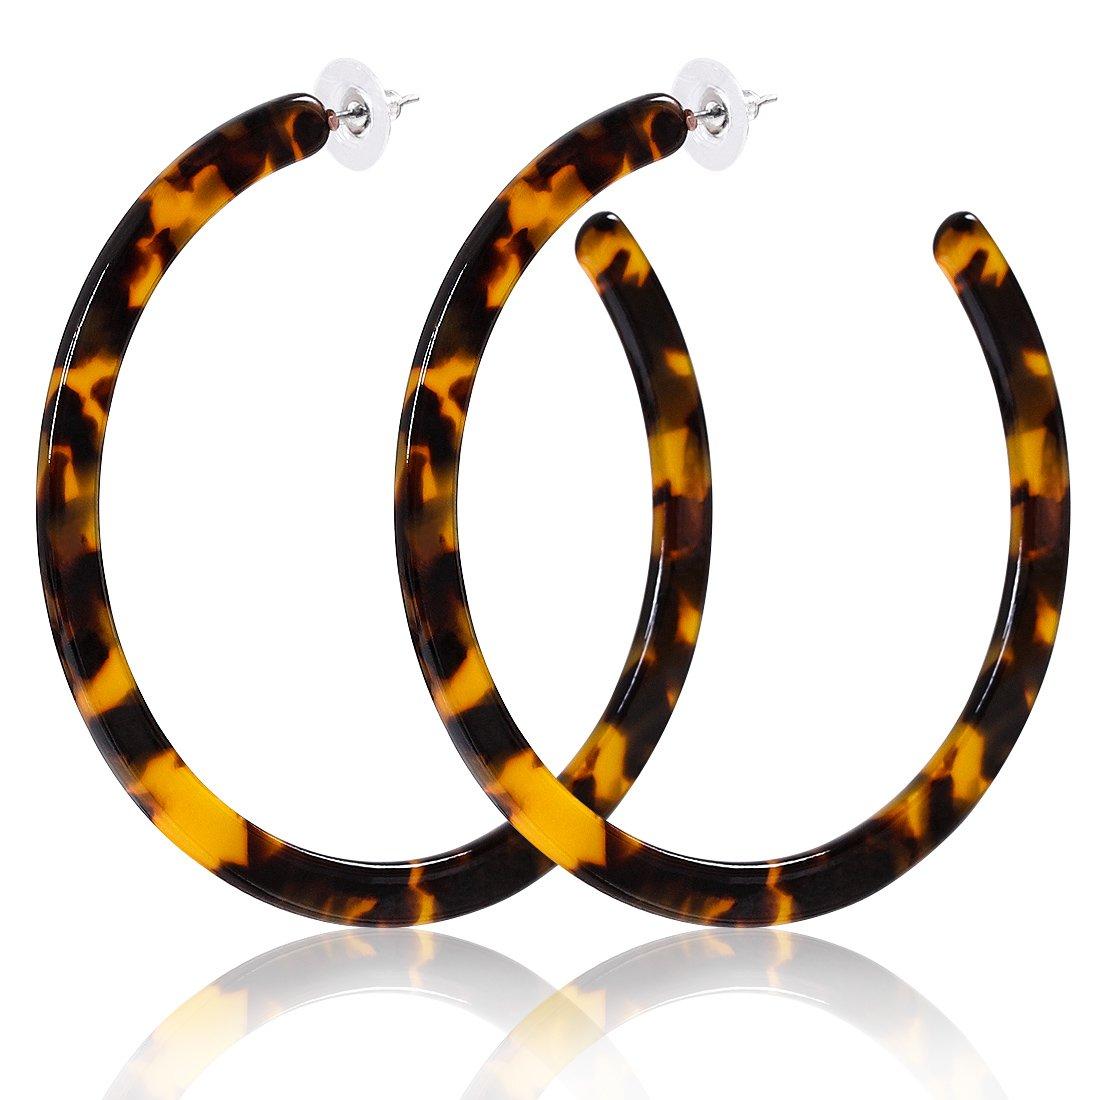 Resin Hoop Earrings Mottled Tortoiseshell Acrylic Earrings Round Circle Boho Statement Earrings for Women(G Large Dark Brown)